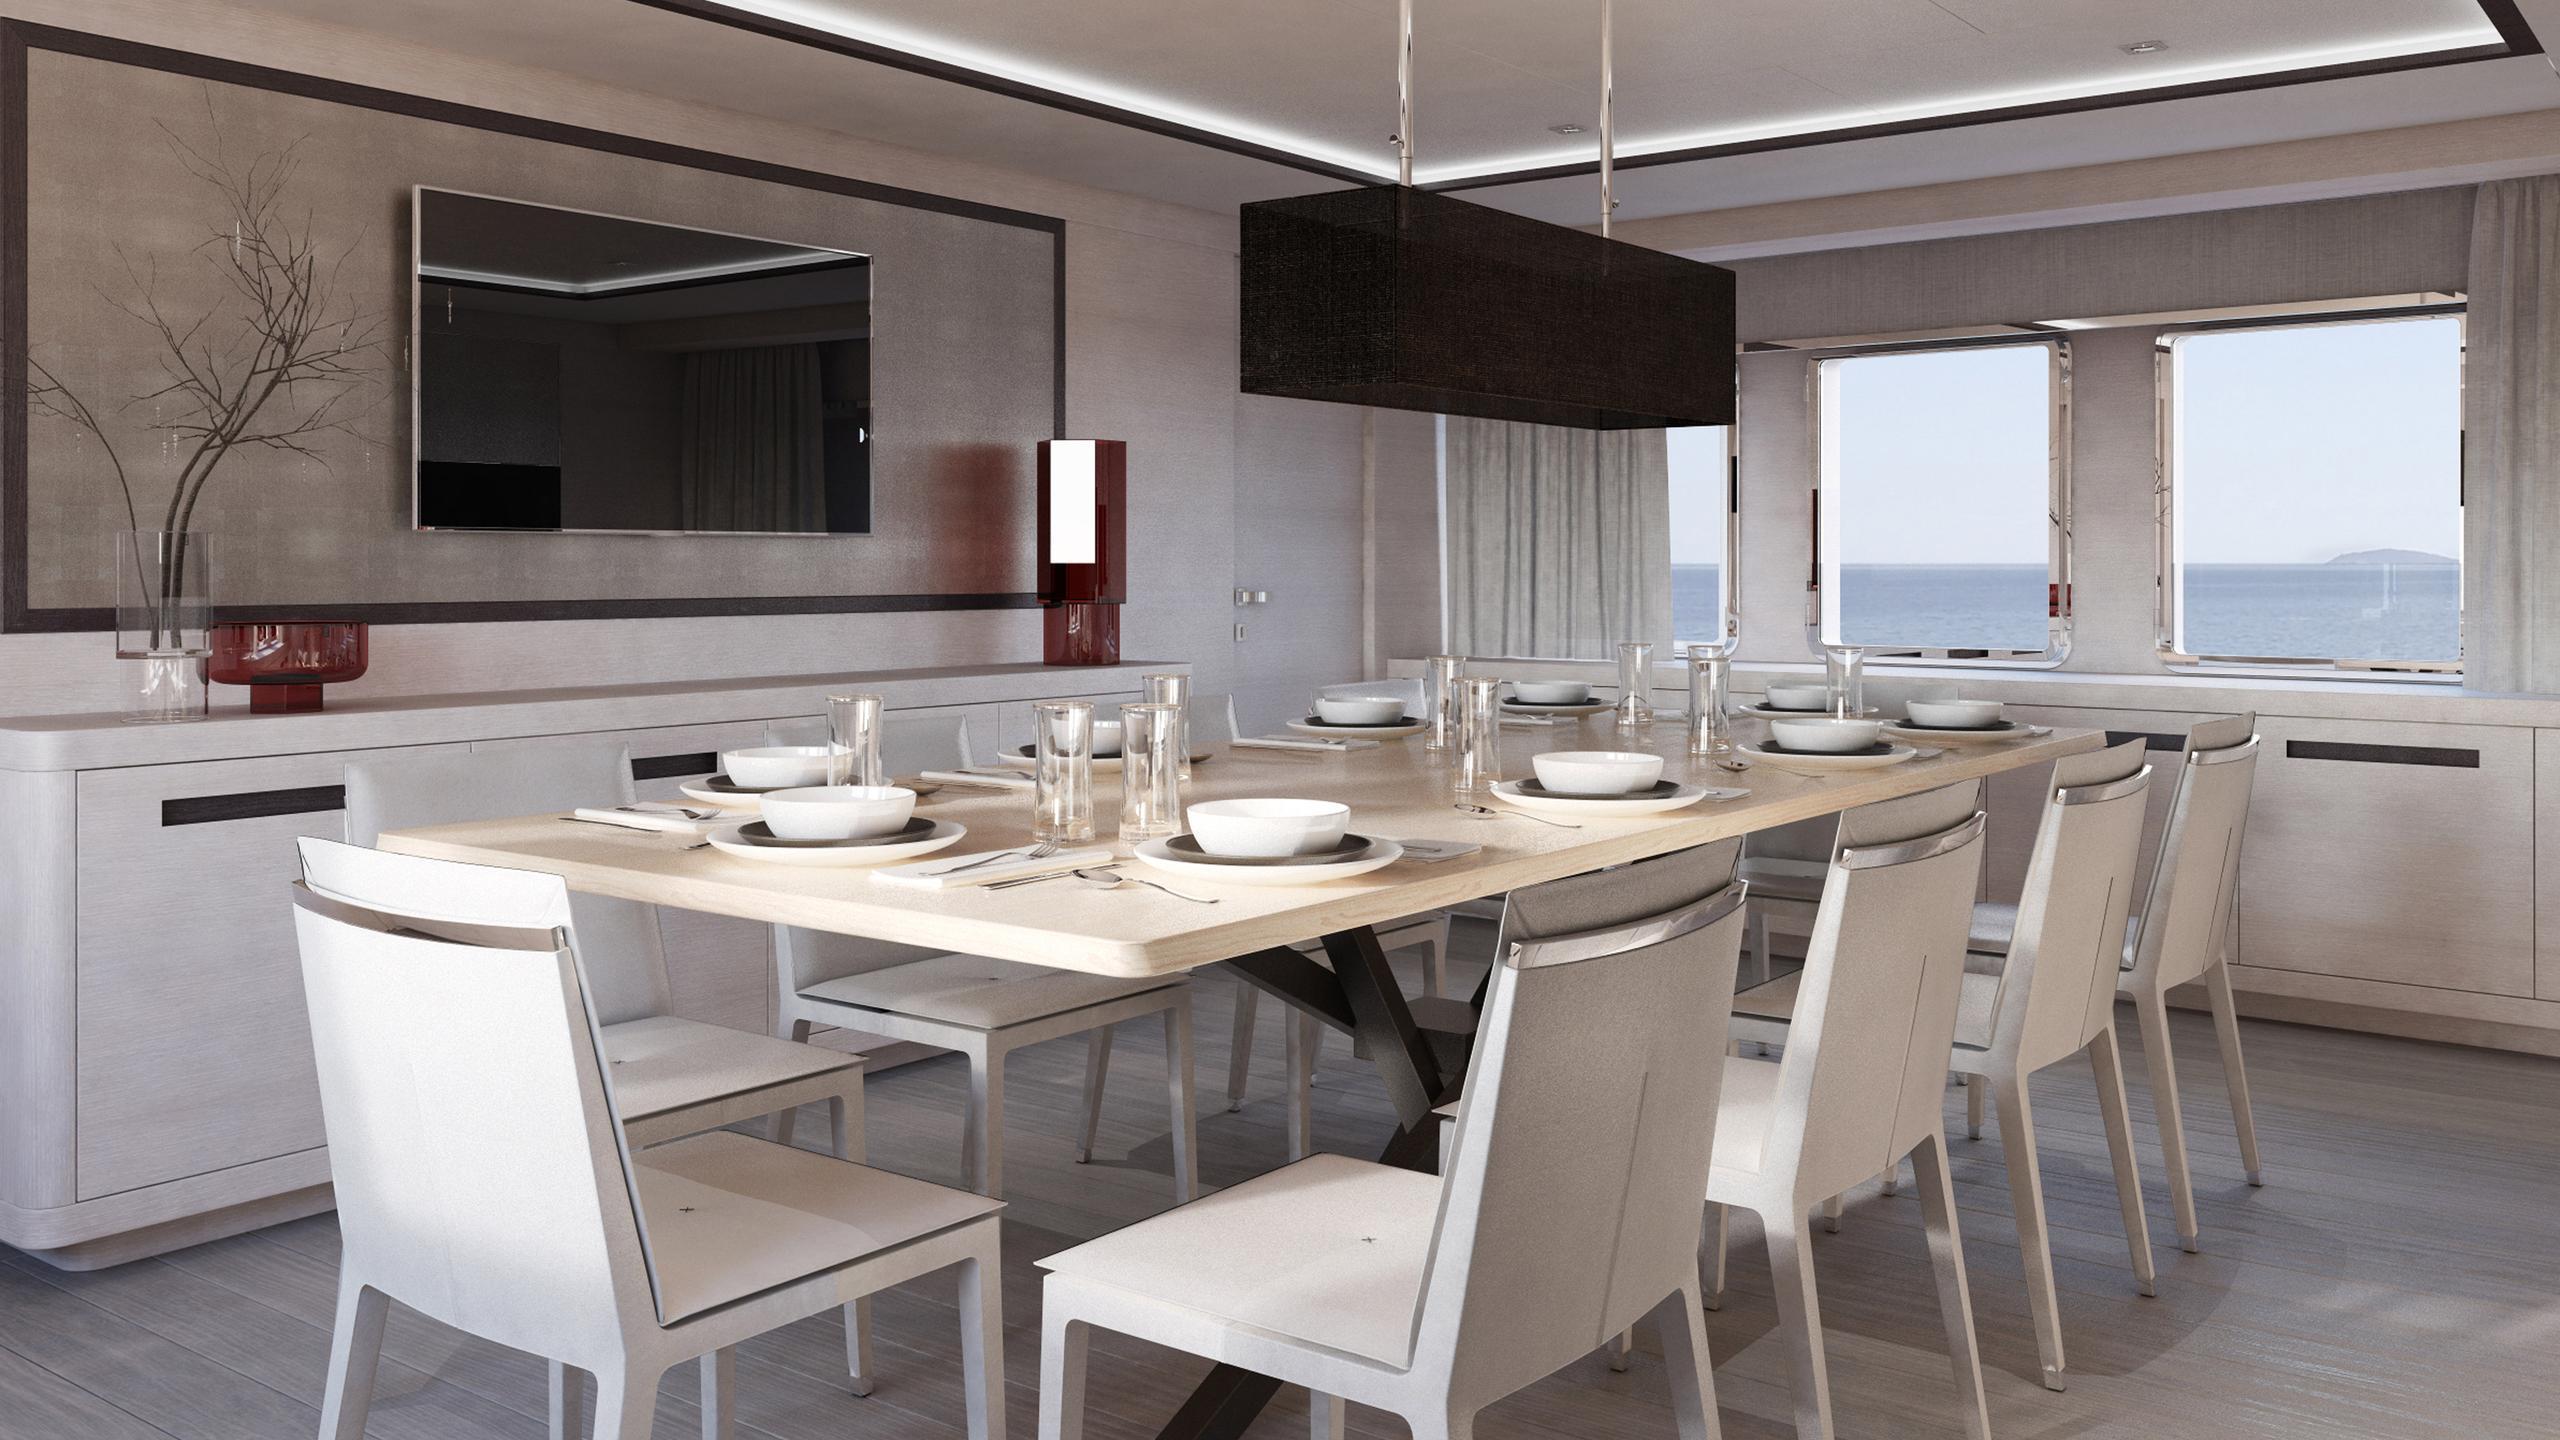 gipsy-motor-yacht-otam-2016-35m-dining-room